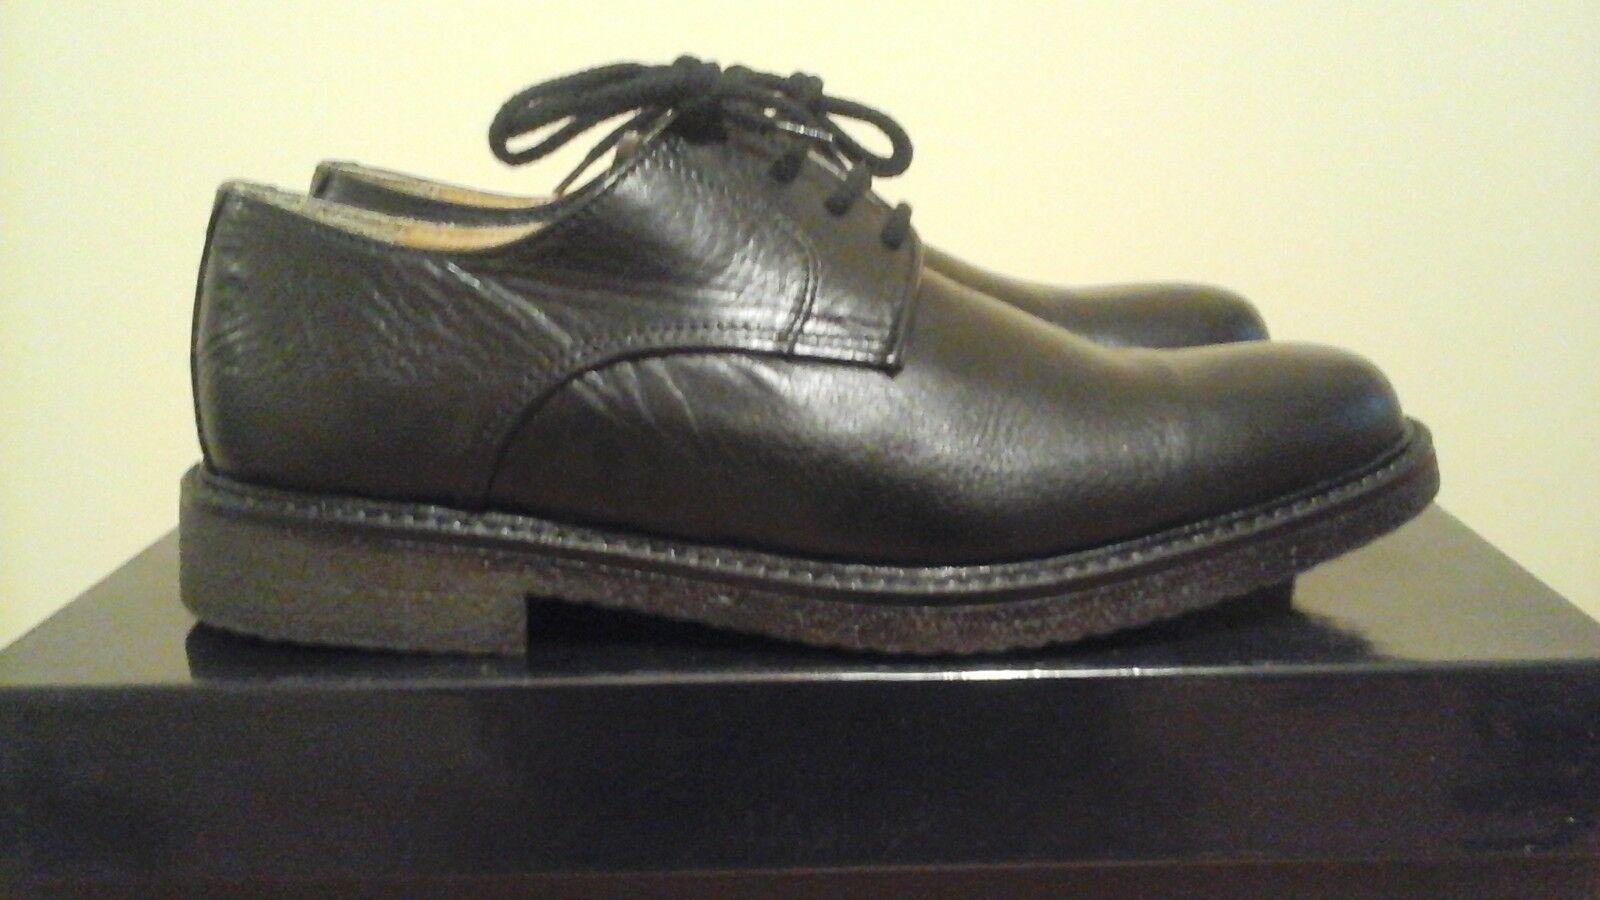 da non perdere! Montenapoleone scarpe classiche tg. 39 39 39 vitello nero  vendita online sconto prezzo basso